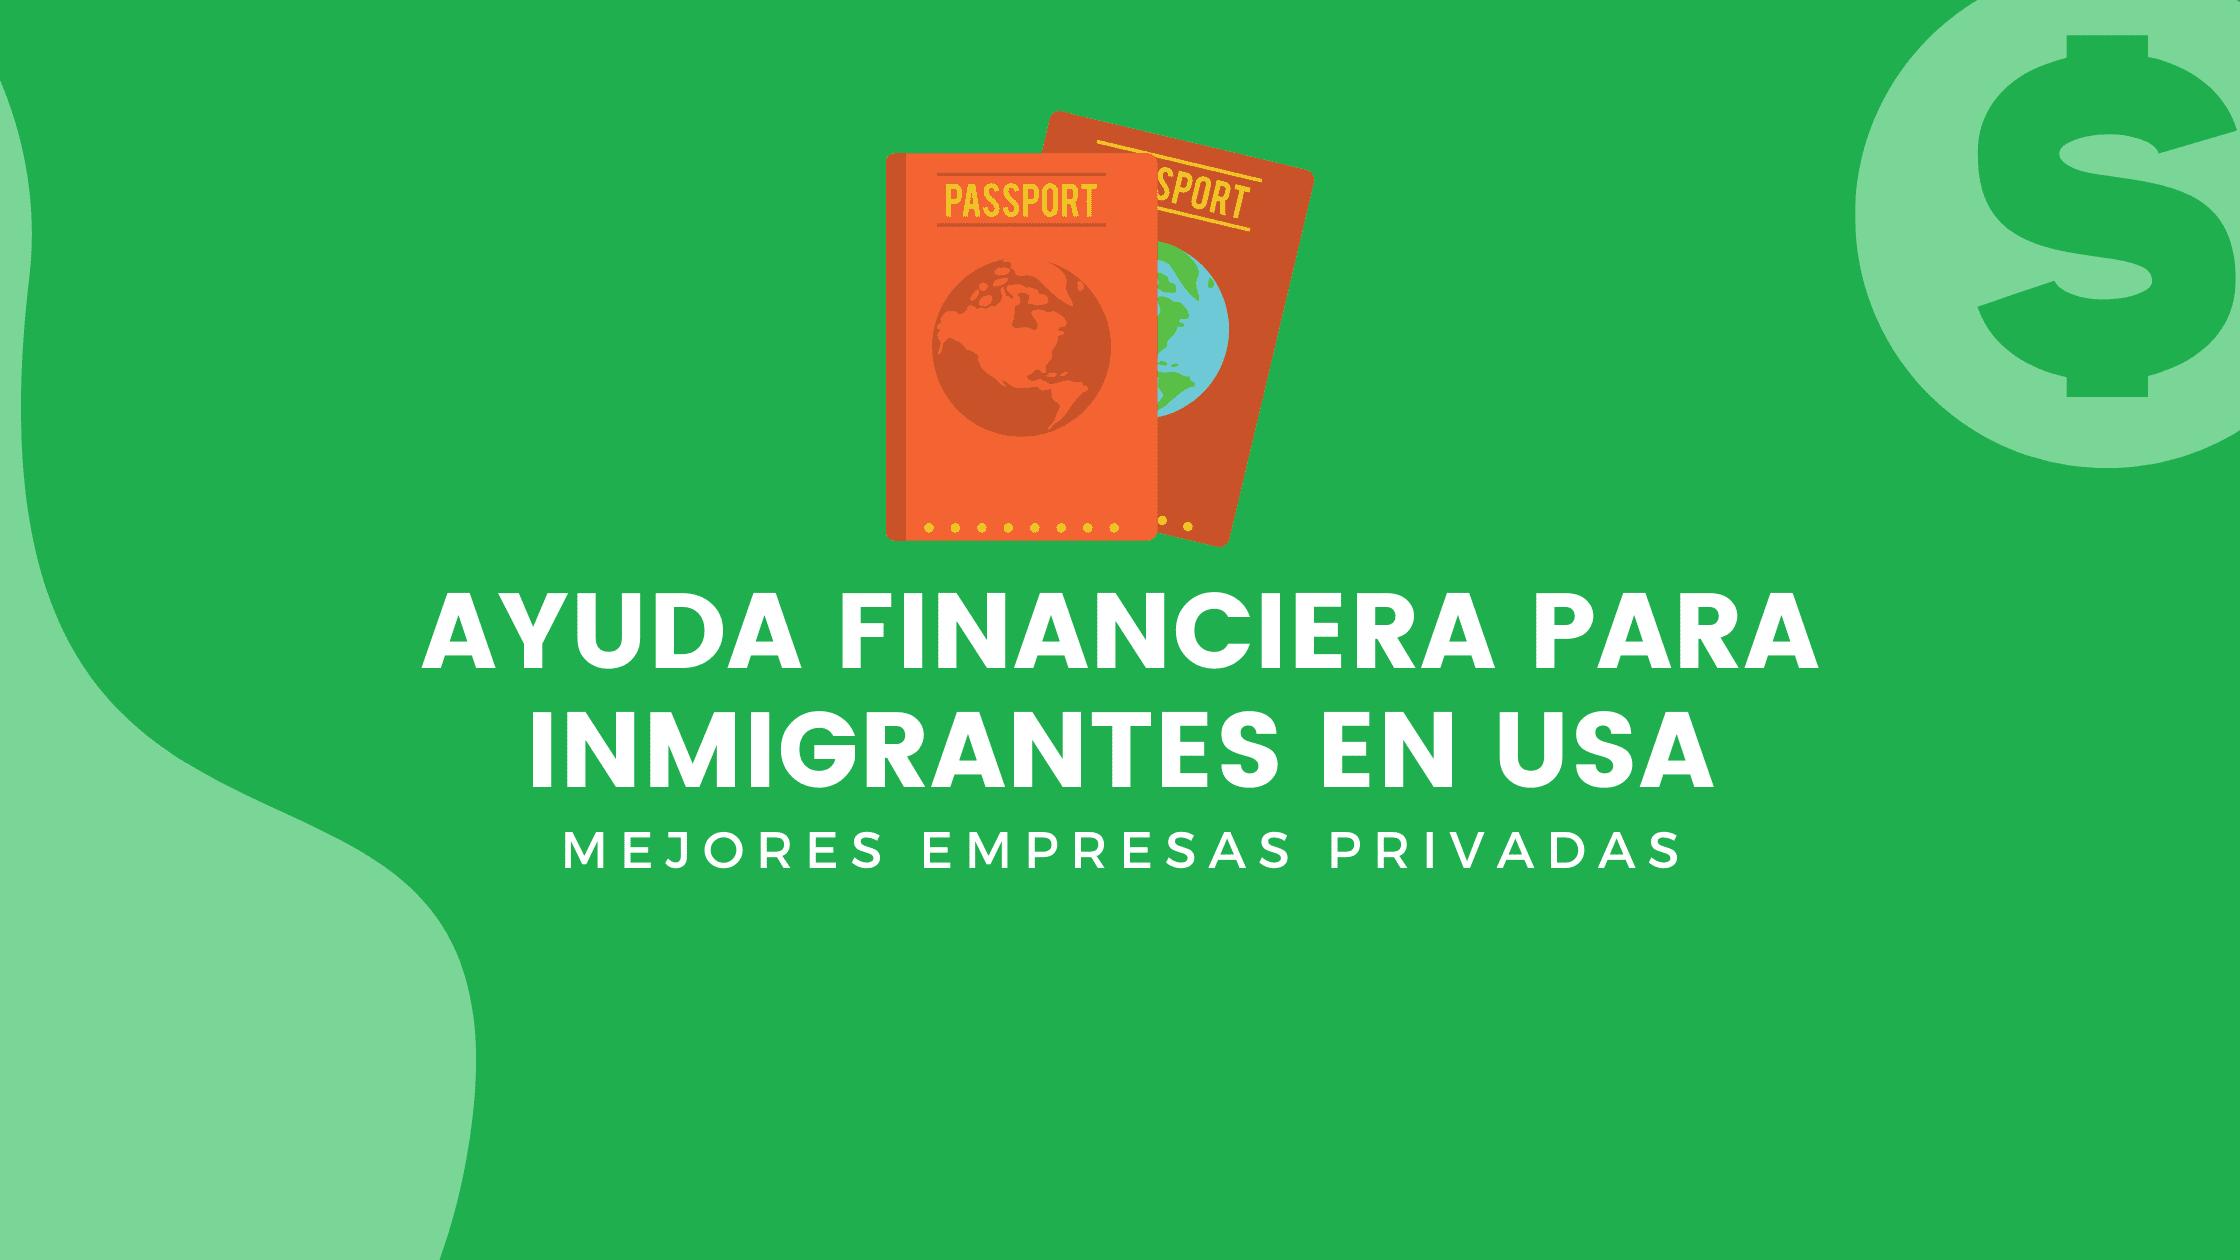 Ayuda Financiera Para Inmigrantes En USA